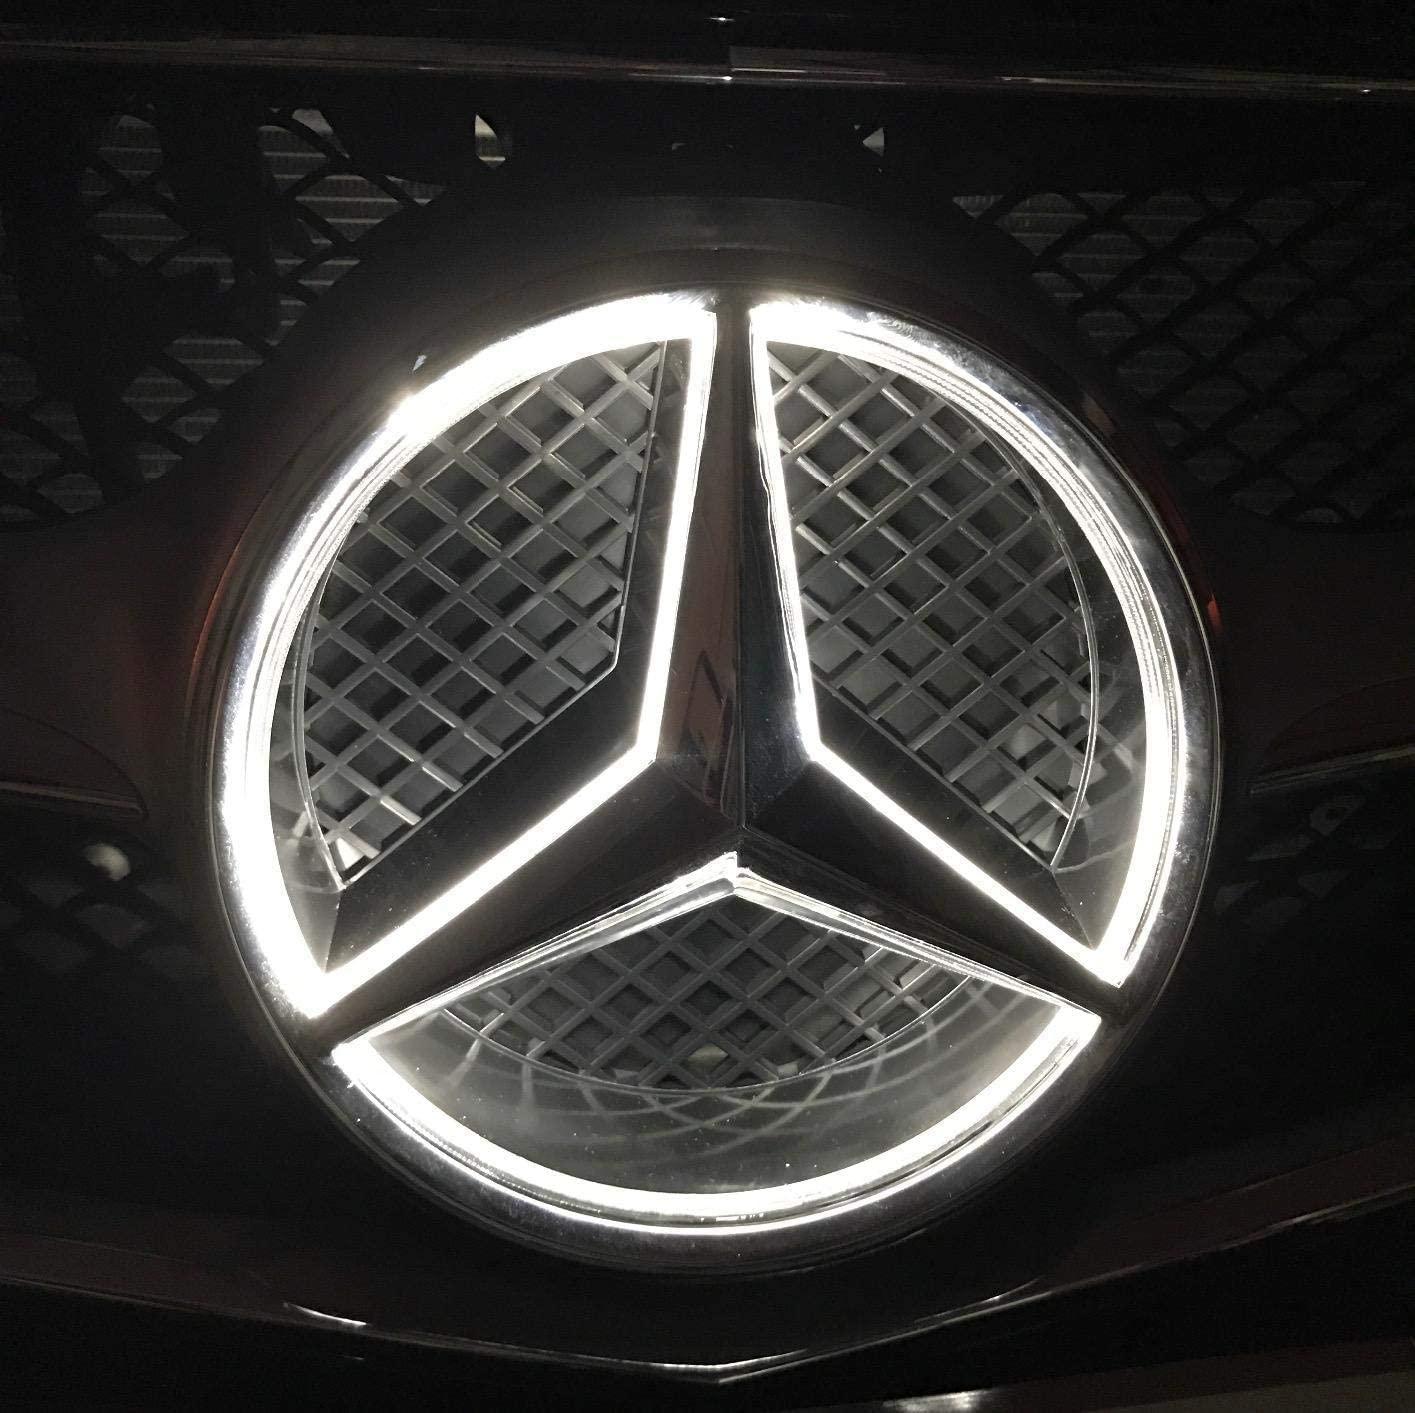 메르세데스 벤츠 2013-2015화이트 LED 엠블럼 자동차 프론트 그릴 배지 메르세데스 벤츠 A B C E R GLK ML GL CLA CLS 클래스드라이브 브라이트 라이트 조명 로고 후드 스타 DRL